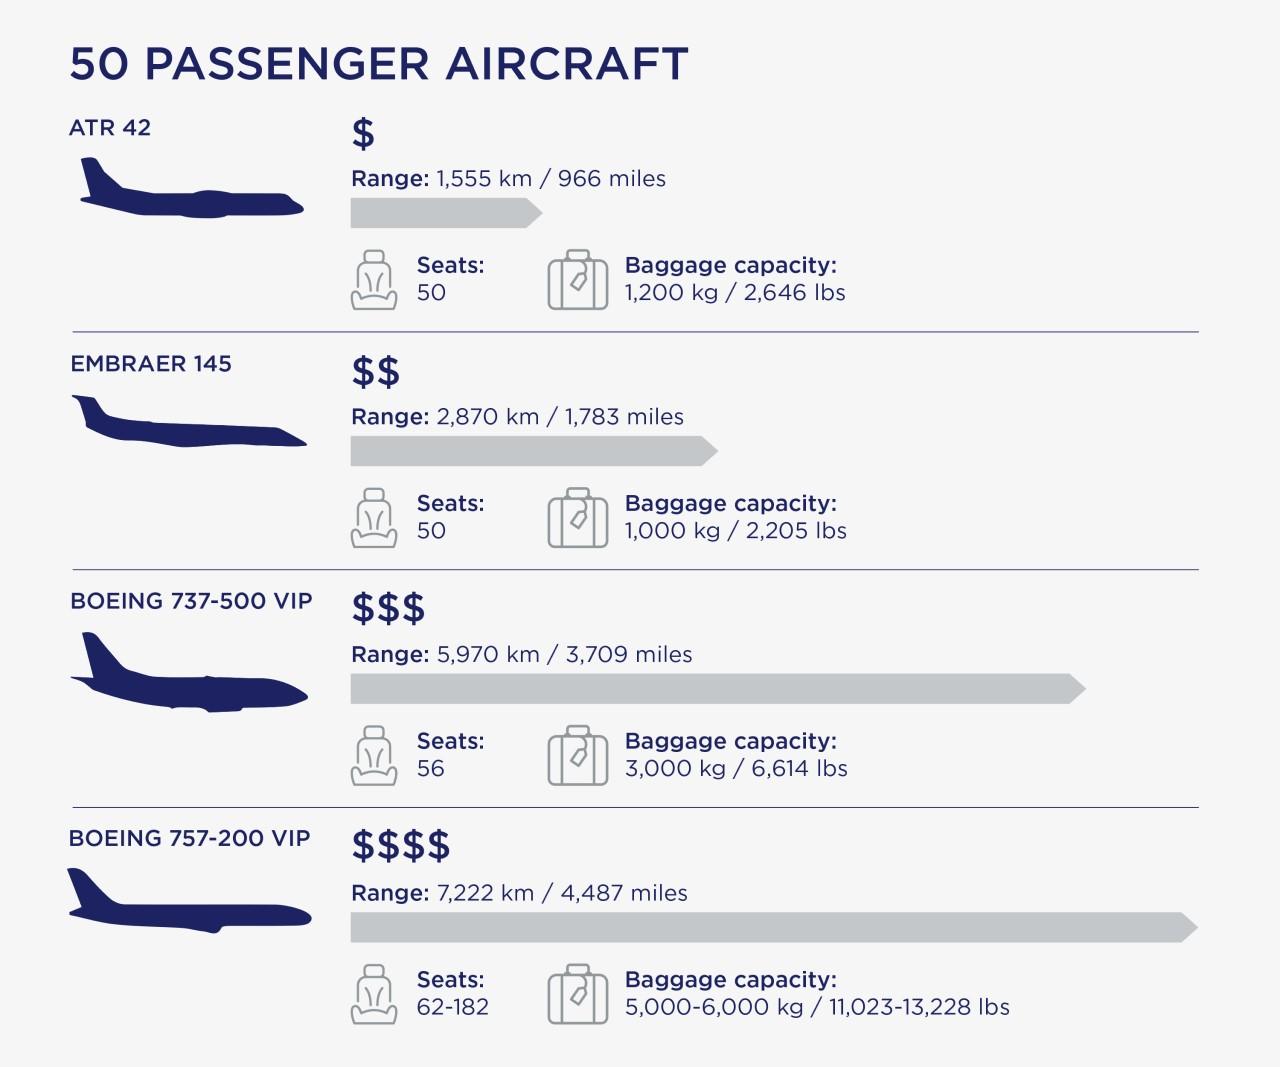 50 passenger aircraft infographic